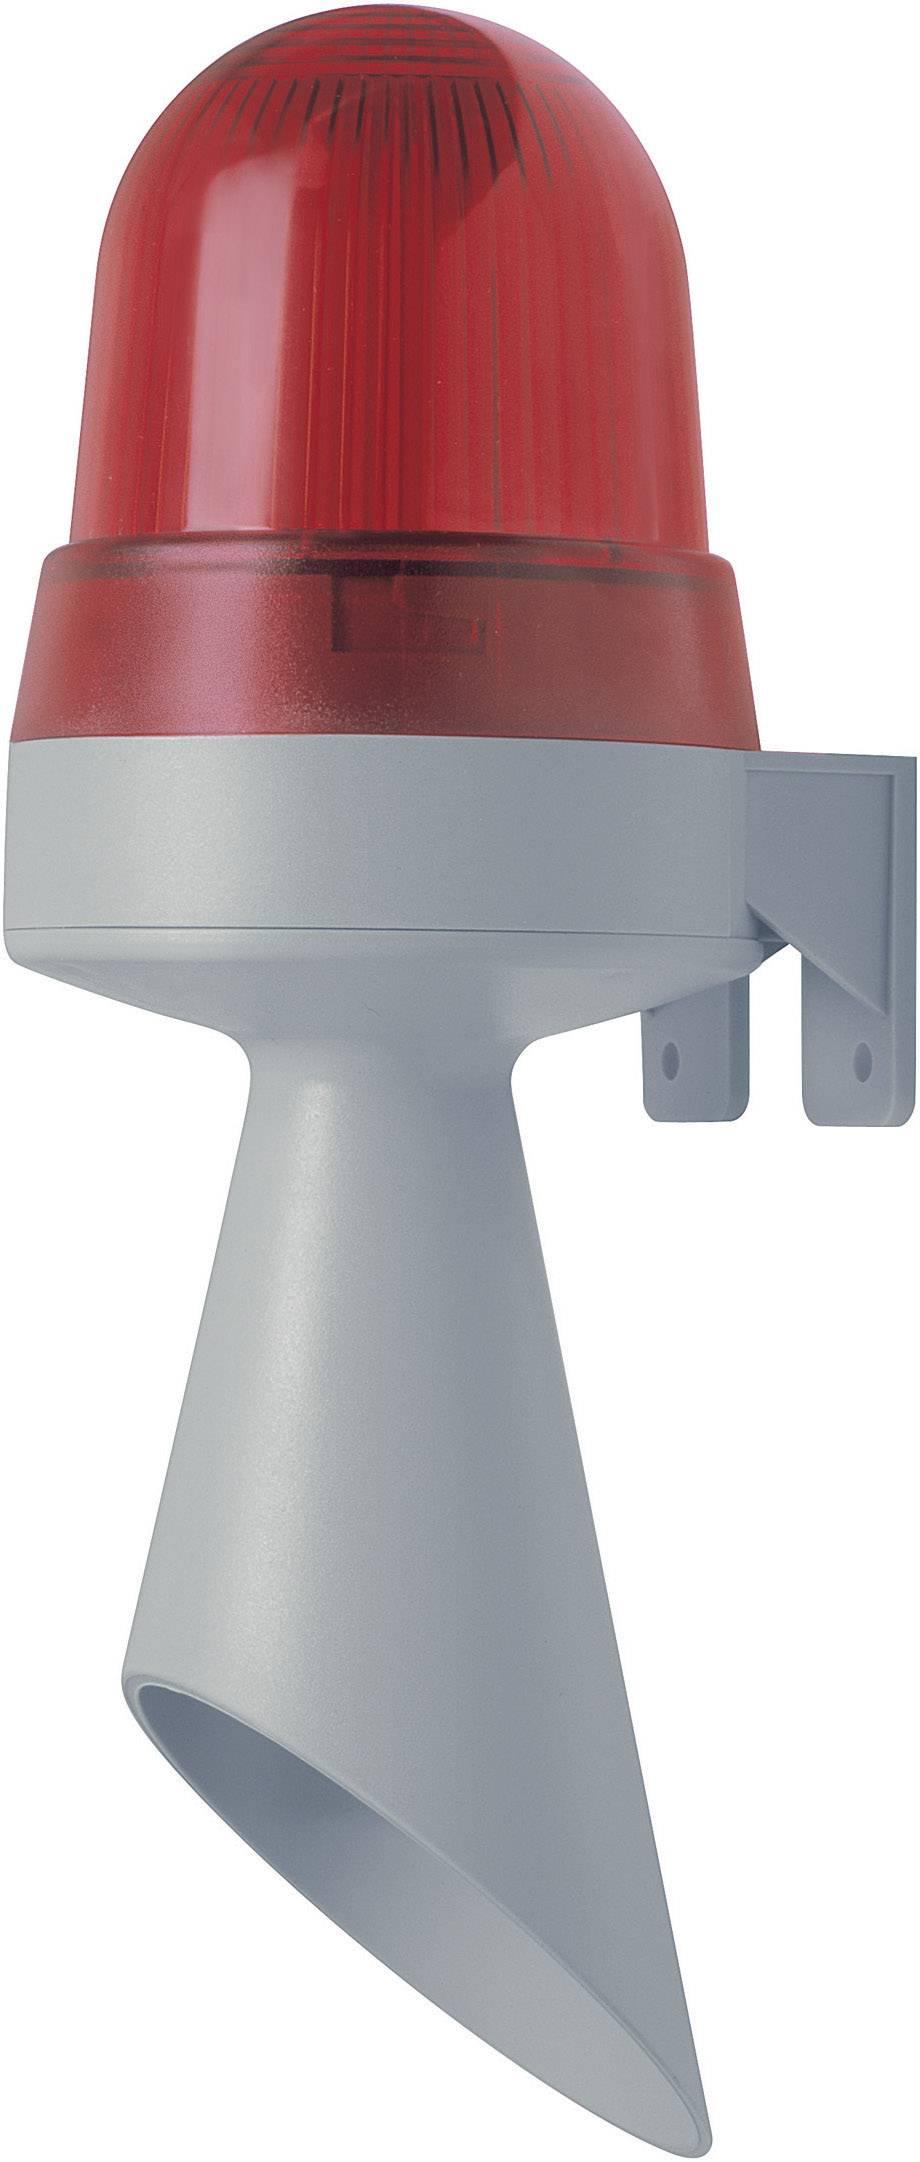 Siréna s bleskem Werma 425.120.75, 8 tónů, 24 V AC/DC, IP65, červená